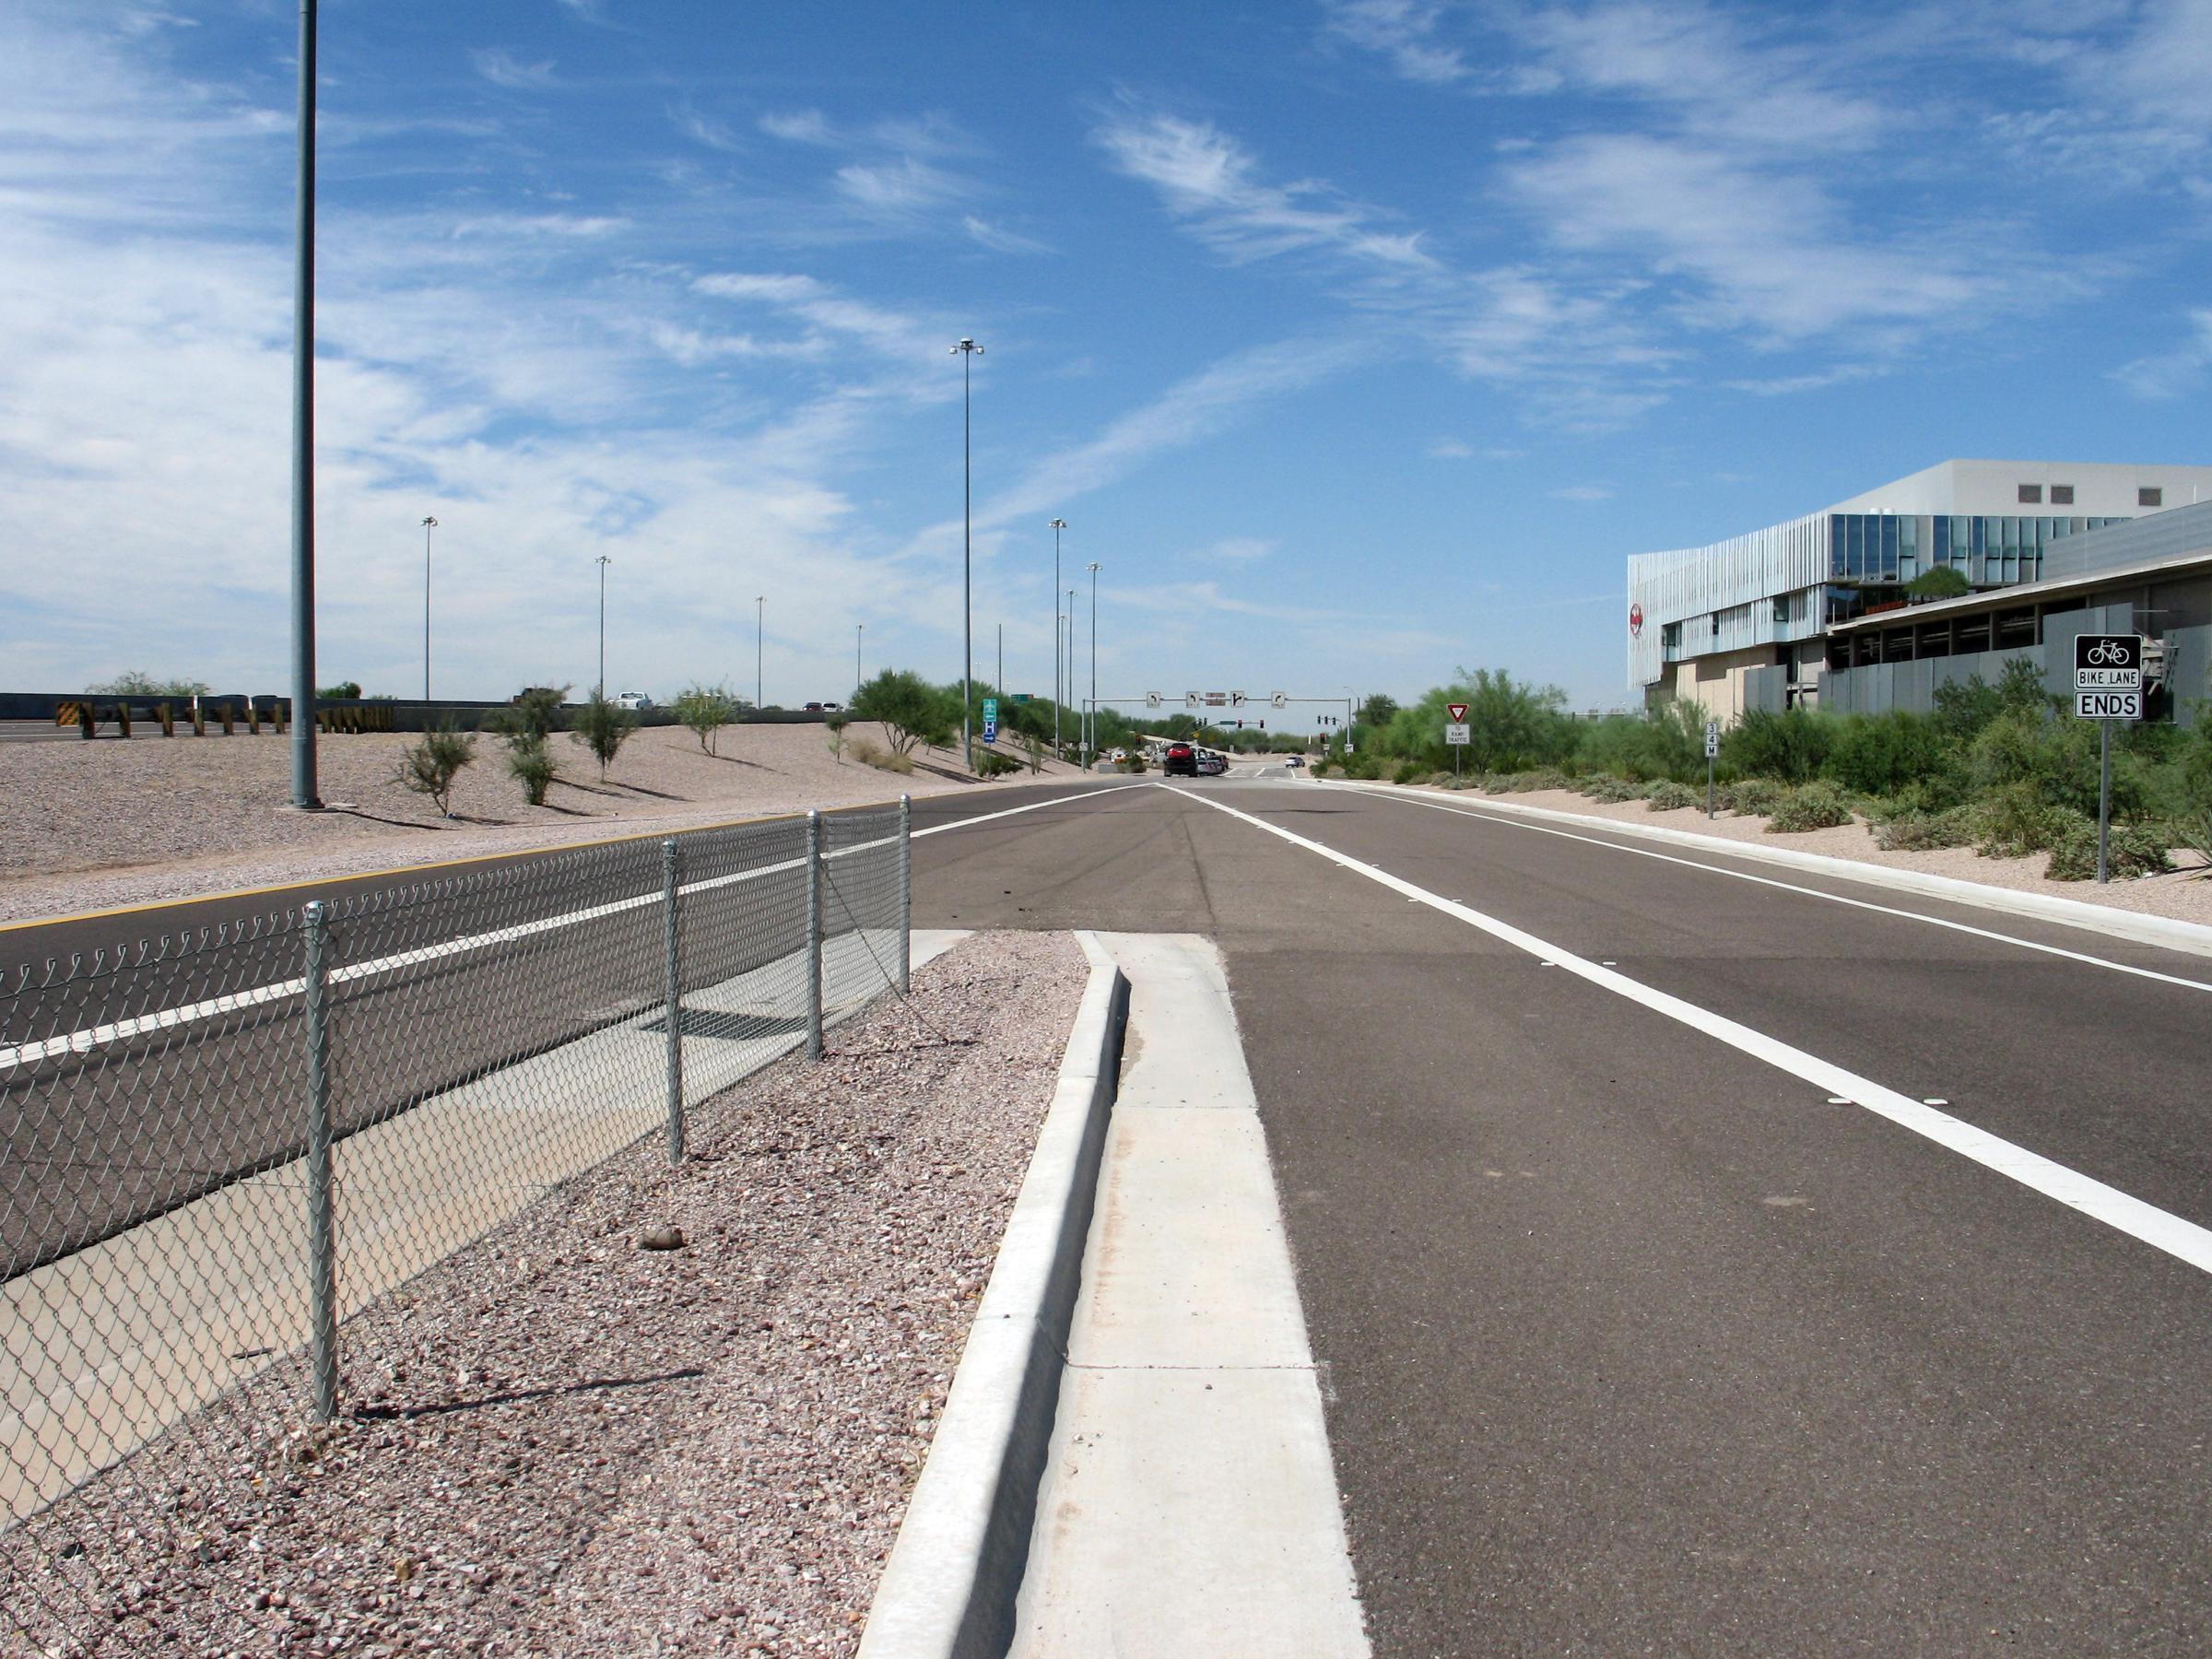 2385 Loop 101 Frontage Road5.jpg